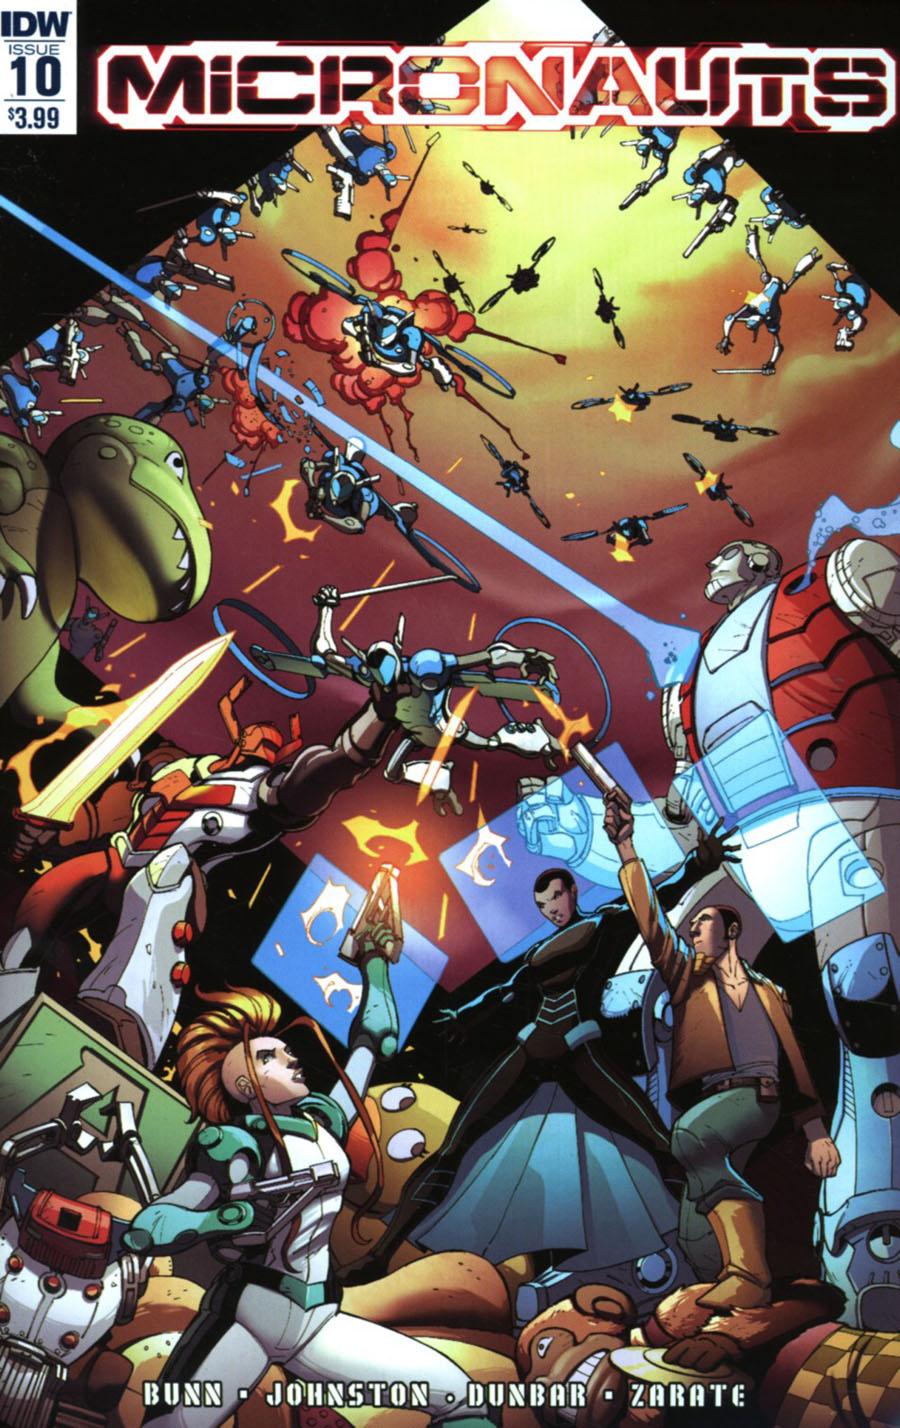 Micronauts Vol 5 #10 Cover A Regular Max Dunbar Cover